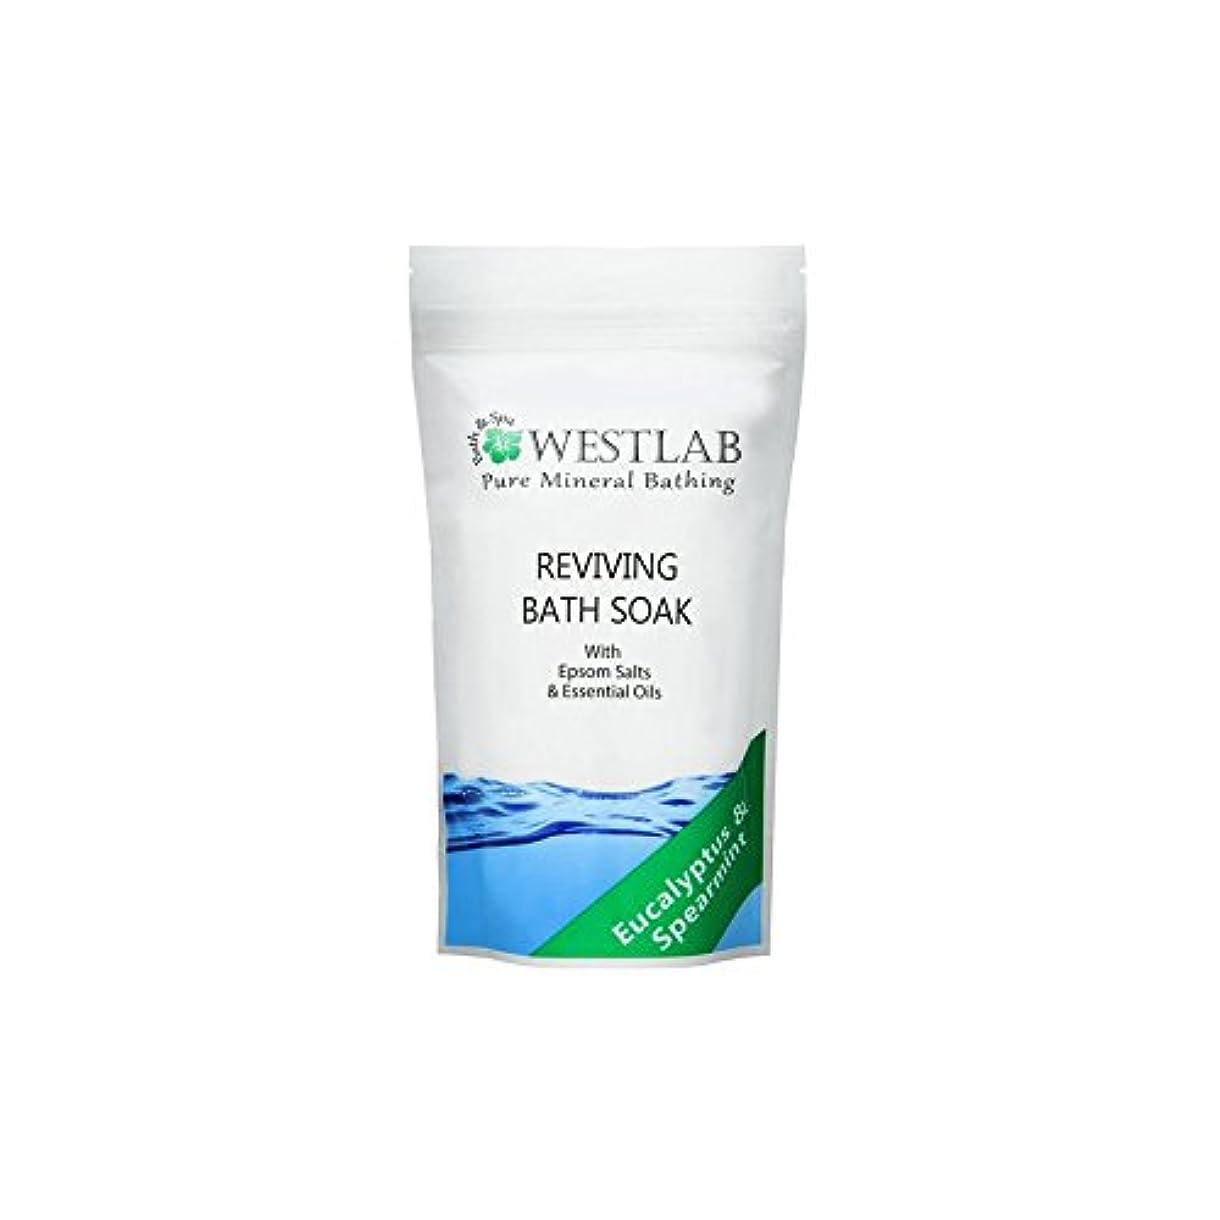 操縦する一掃する君主Westlab Revive Epsom Salt Bath Soak (500g) - (500グラム)をソークエプソム塩浴を復活させます [並行輸入品]